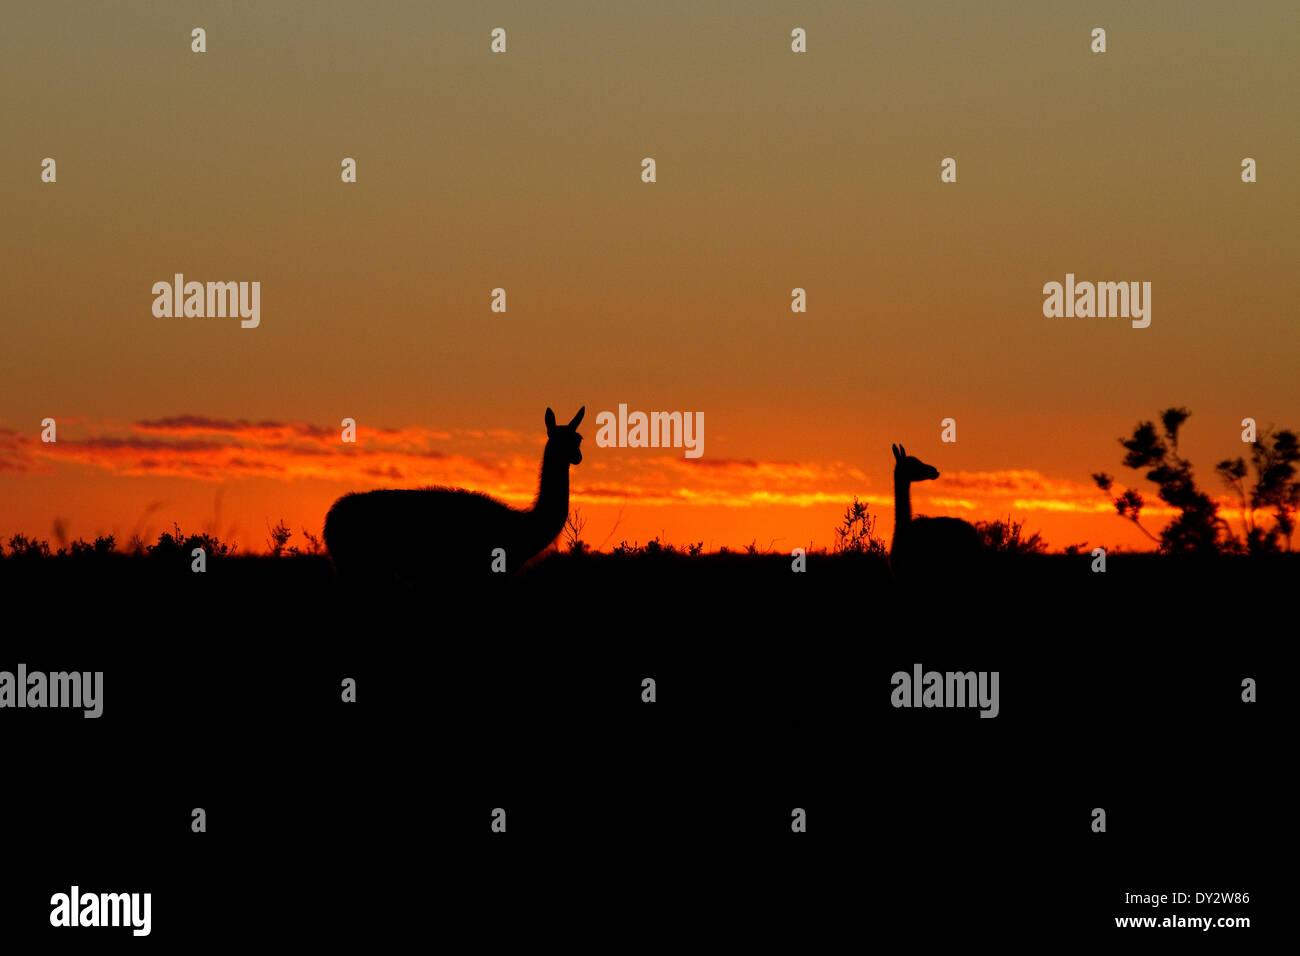 Guanaco Patagonia at sunrise among the landscape of Peninsula Valdes, Valdez, Patagonia, Argentina. - Stock Image